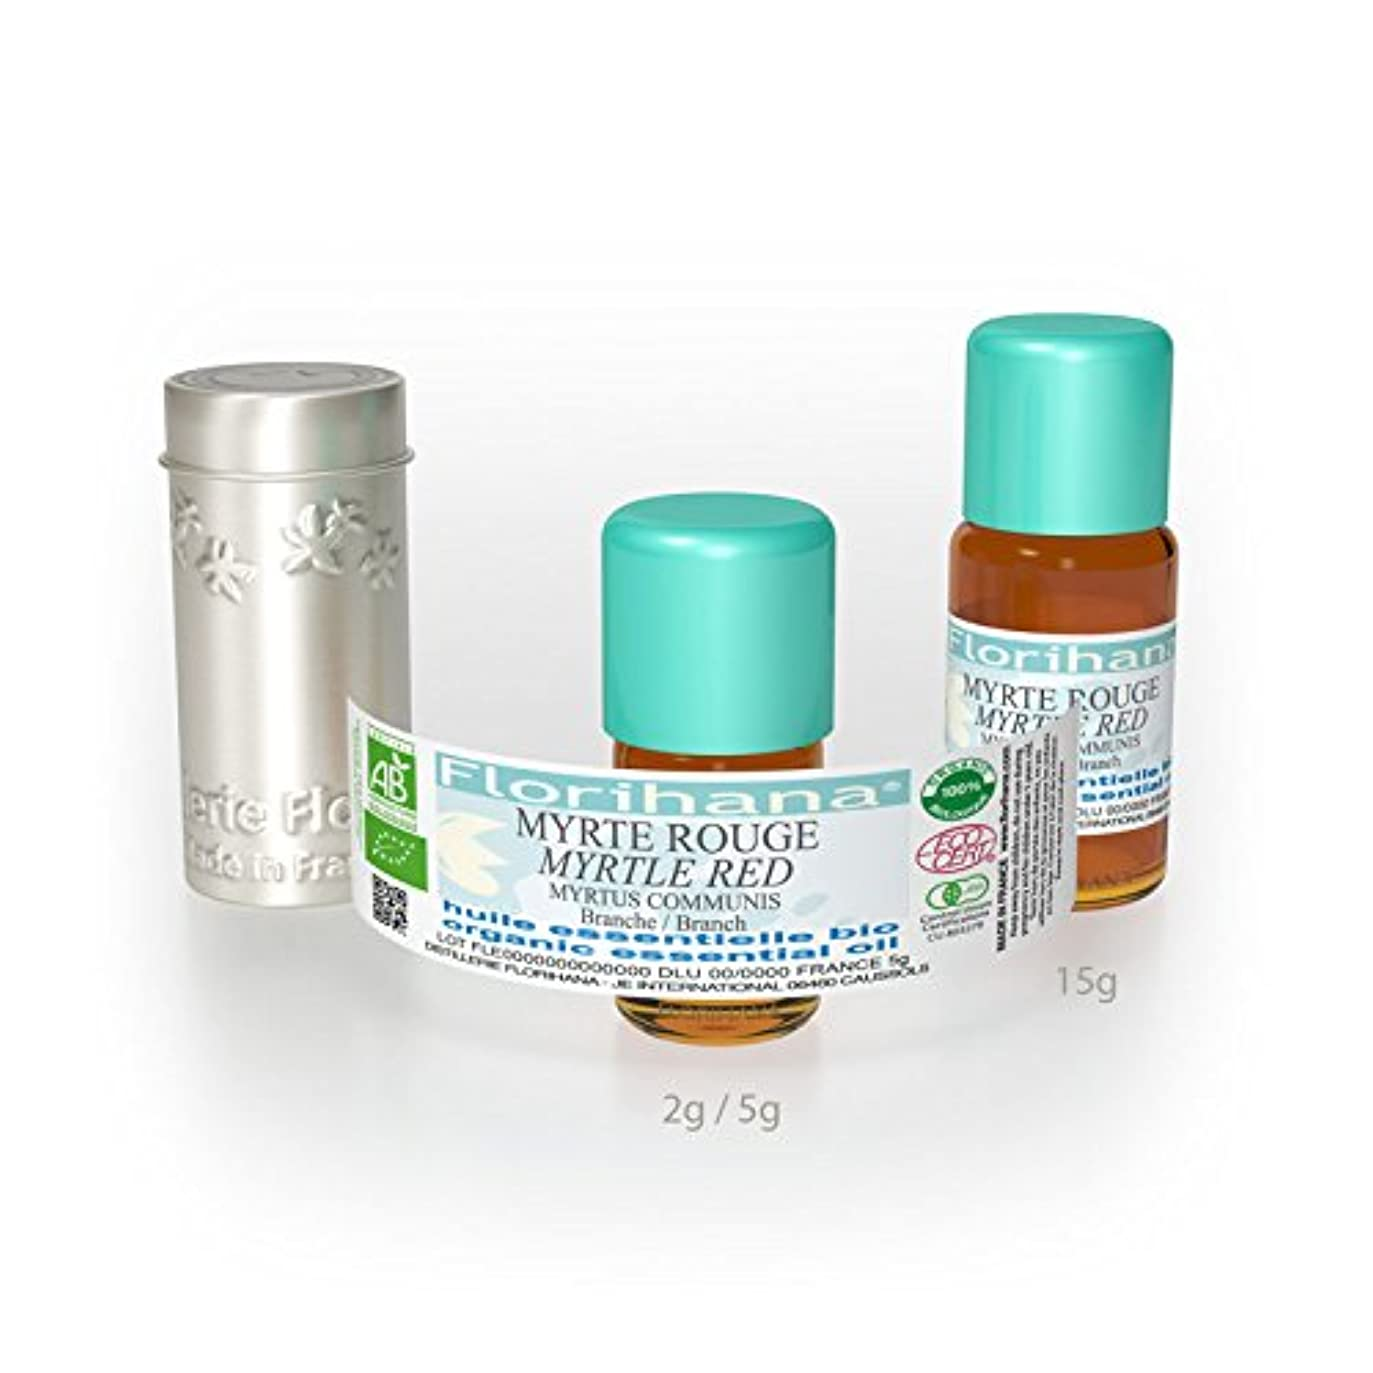 強度シェード療法オーガニック エッセンシャルオイル レッドマートル 15g(16.5ml)